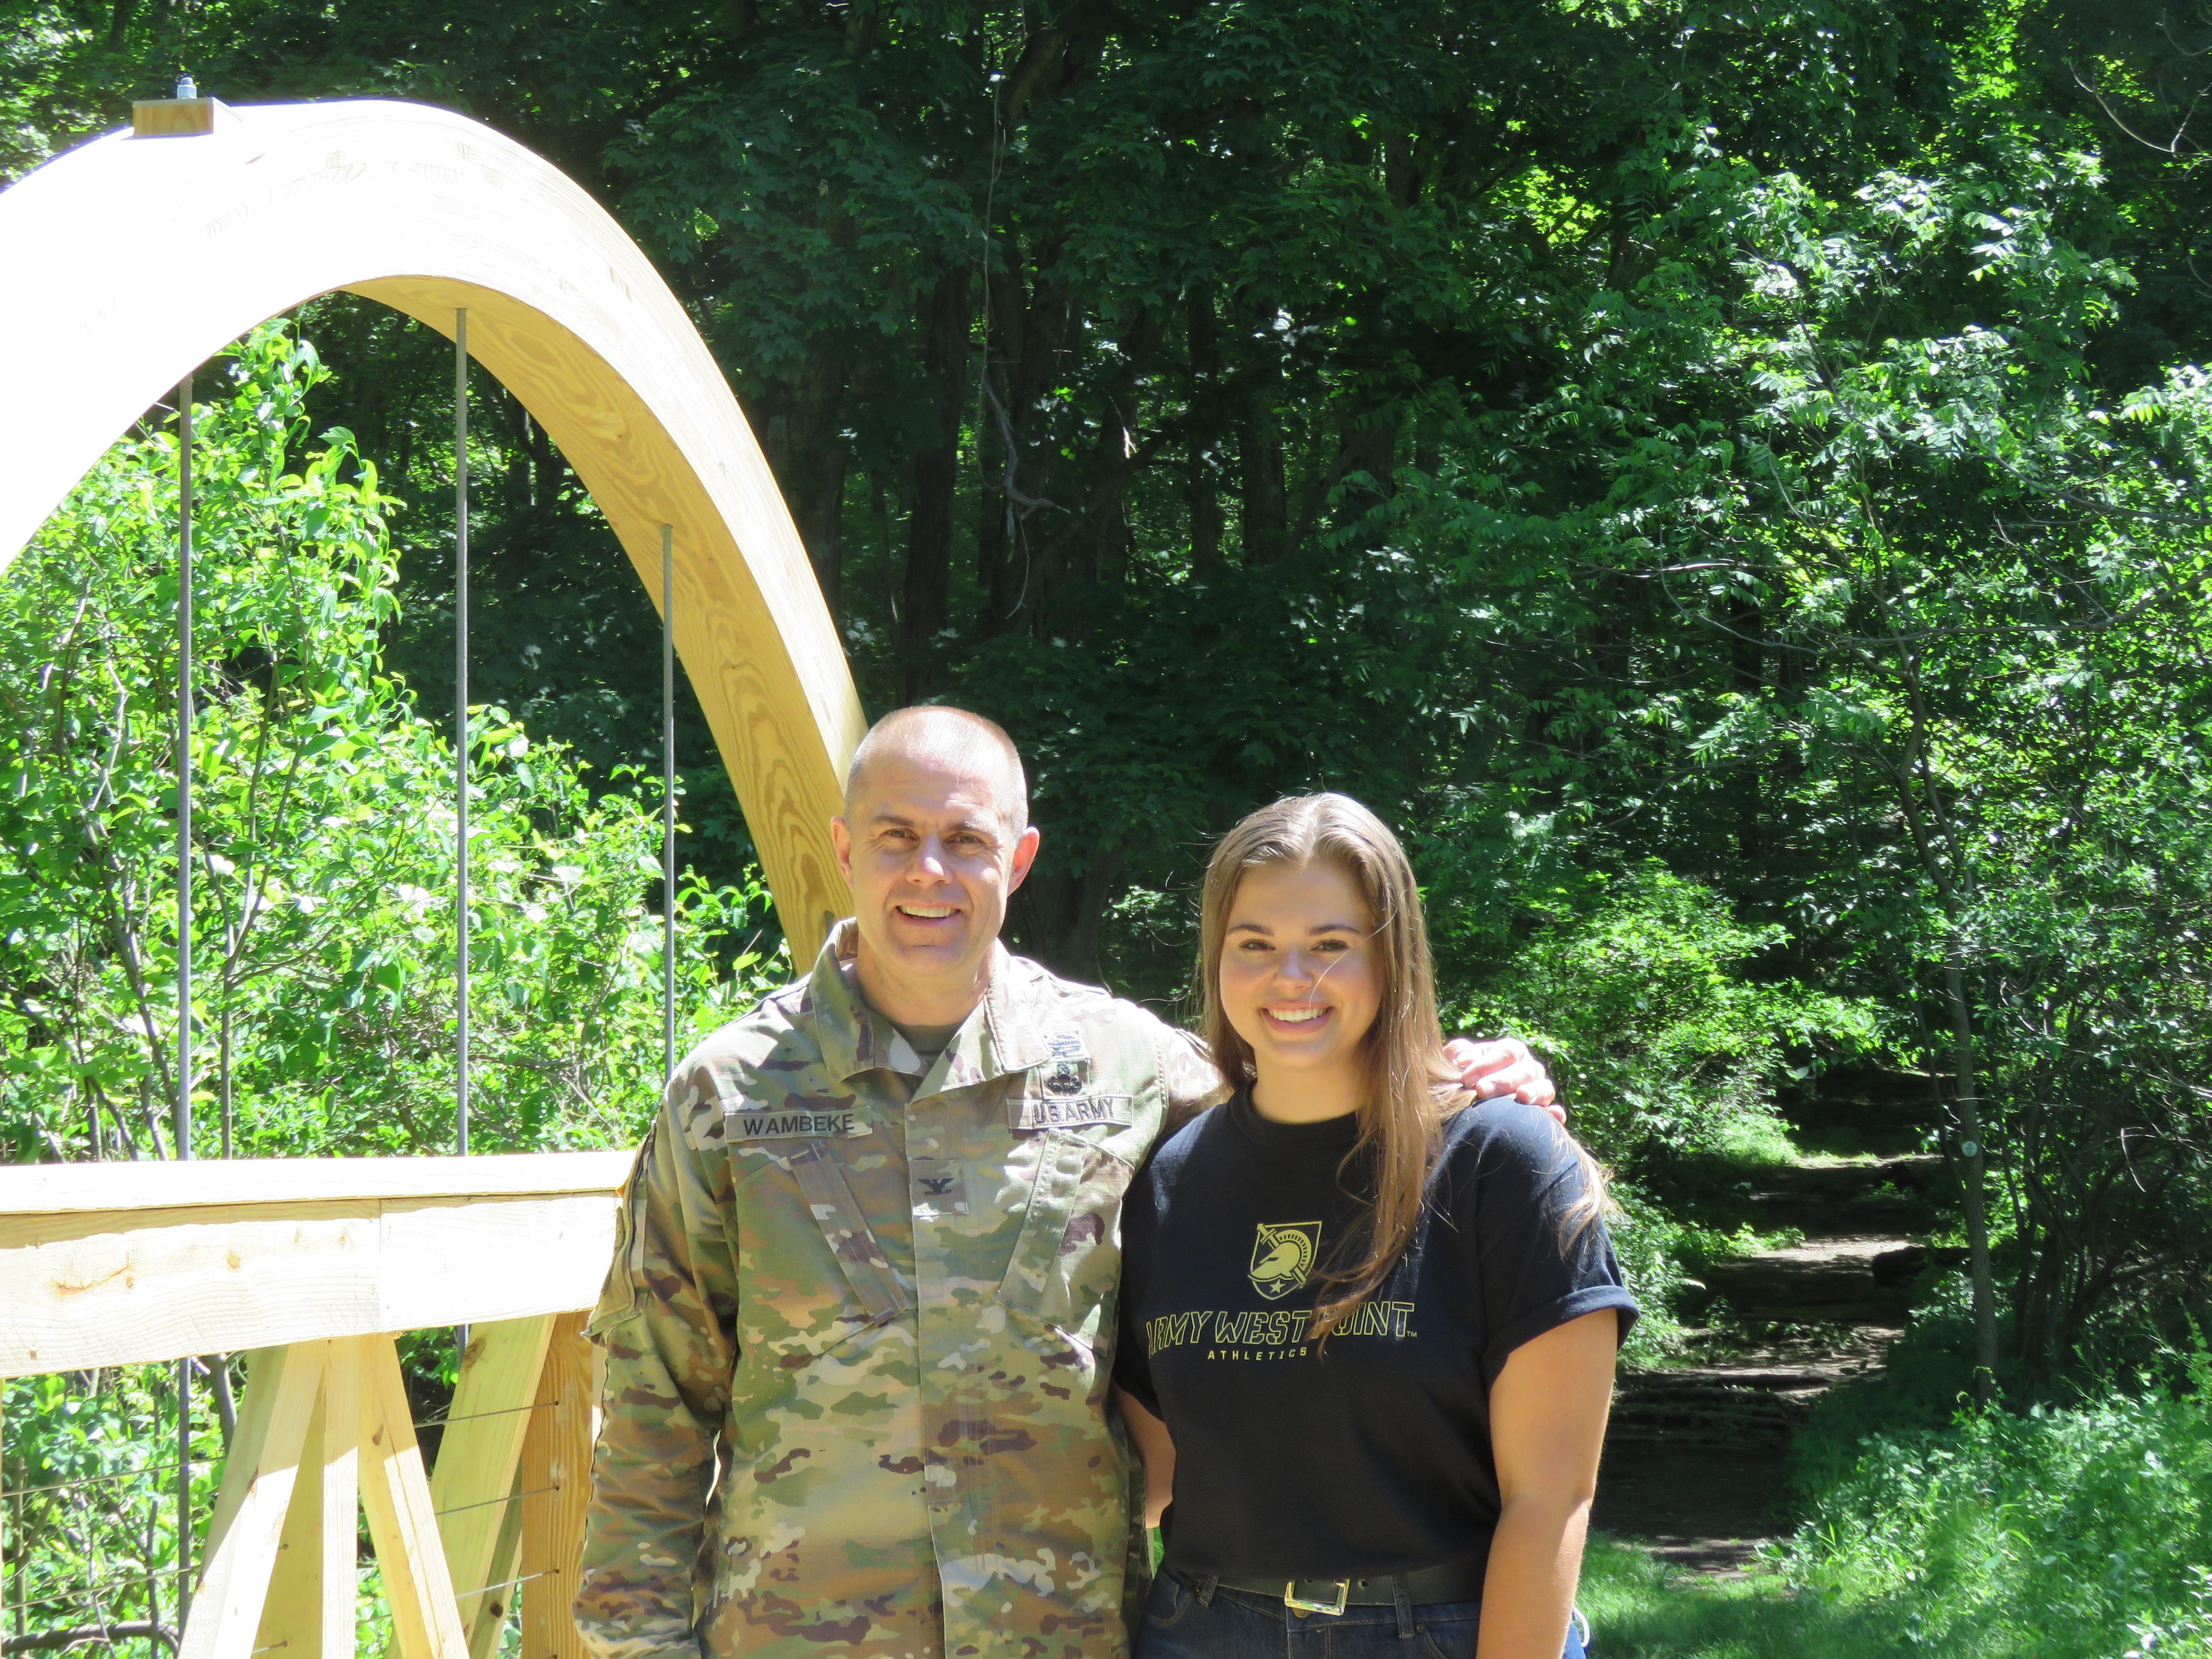 Colonel Brad Wambeke and Emilie Wambeke